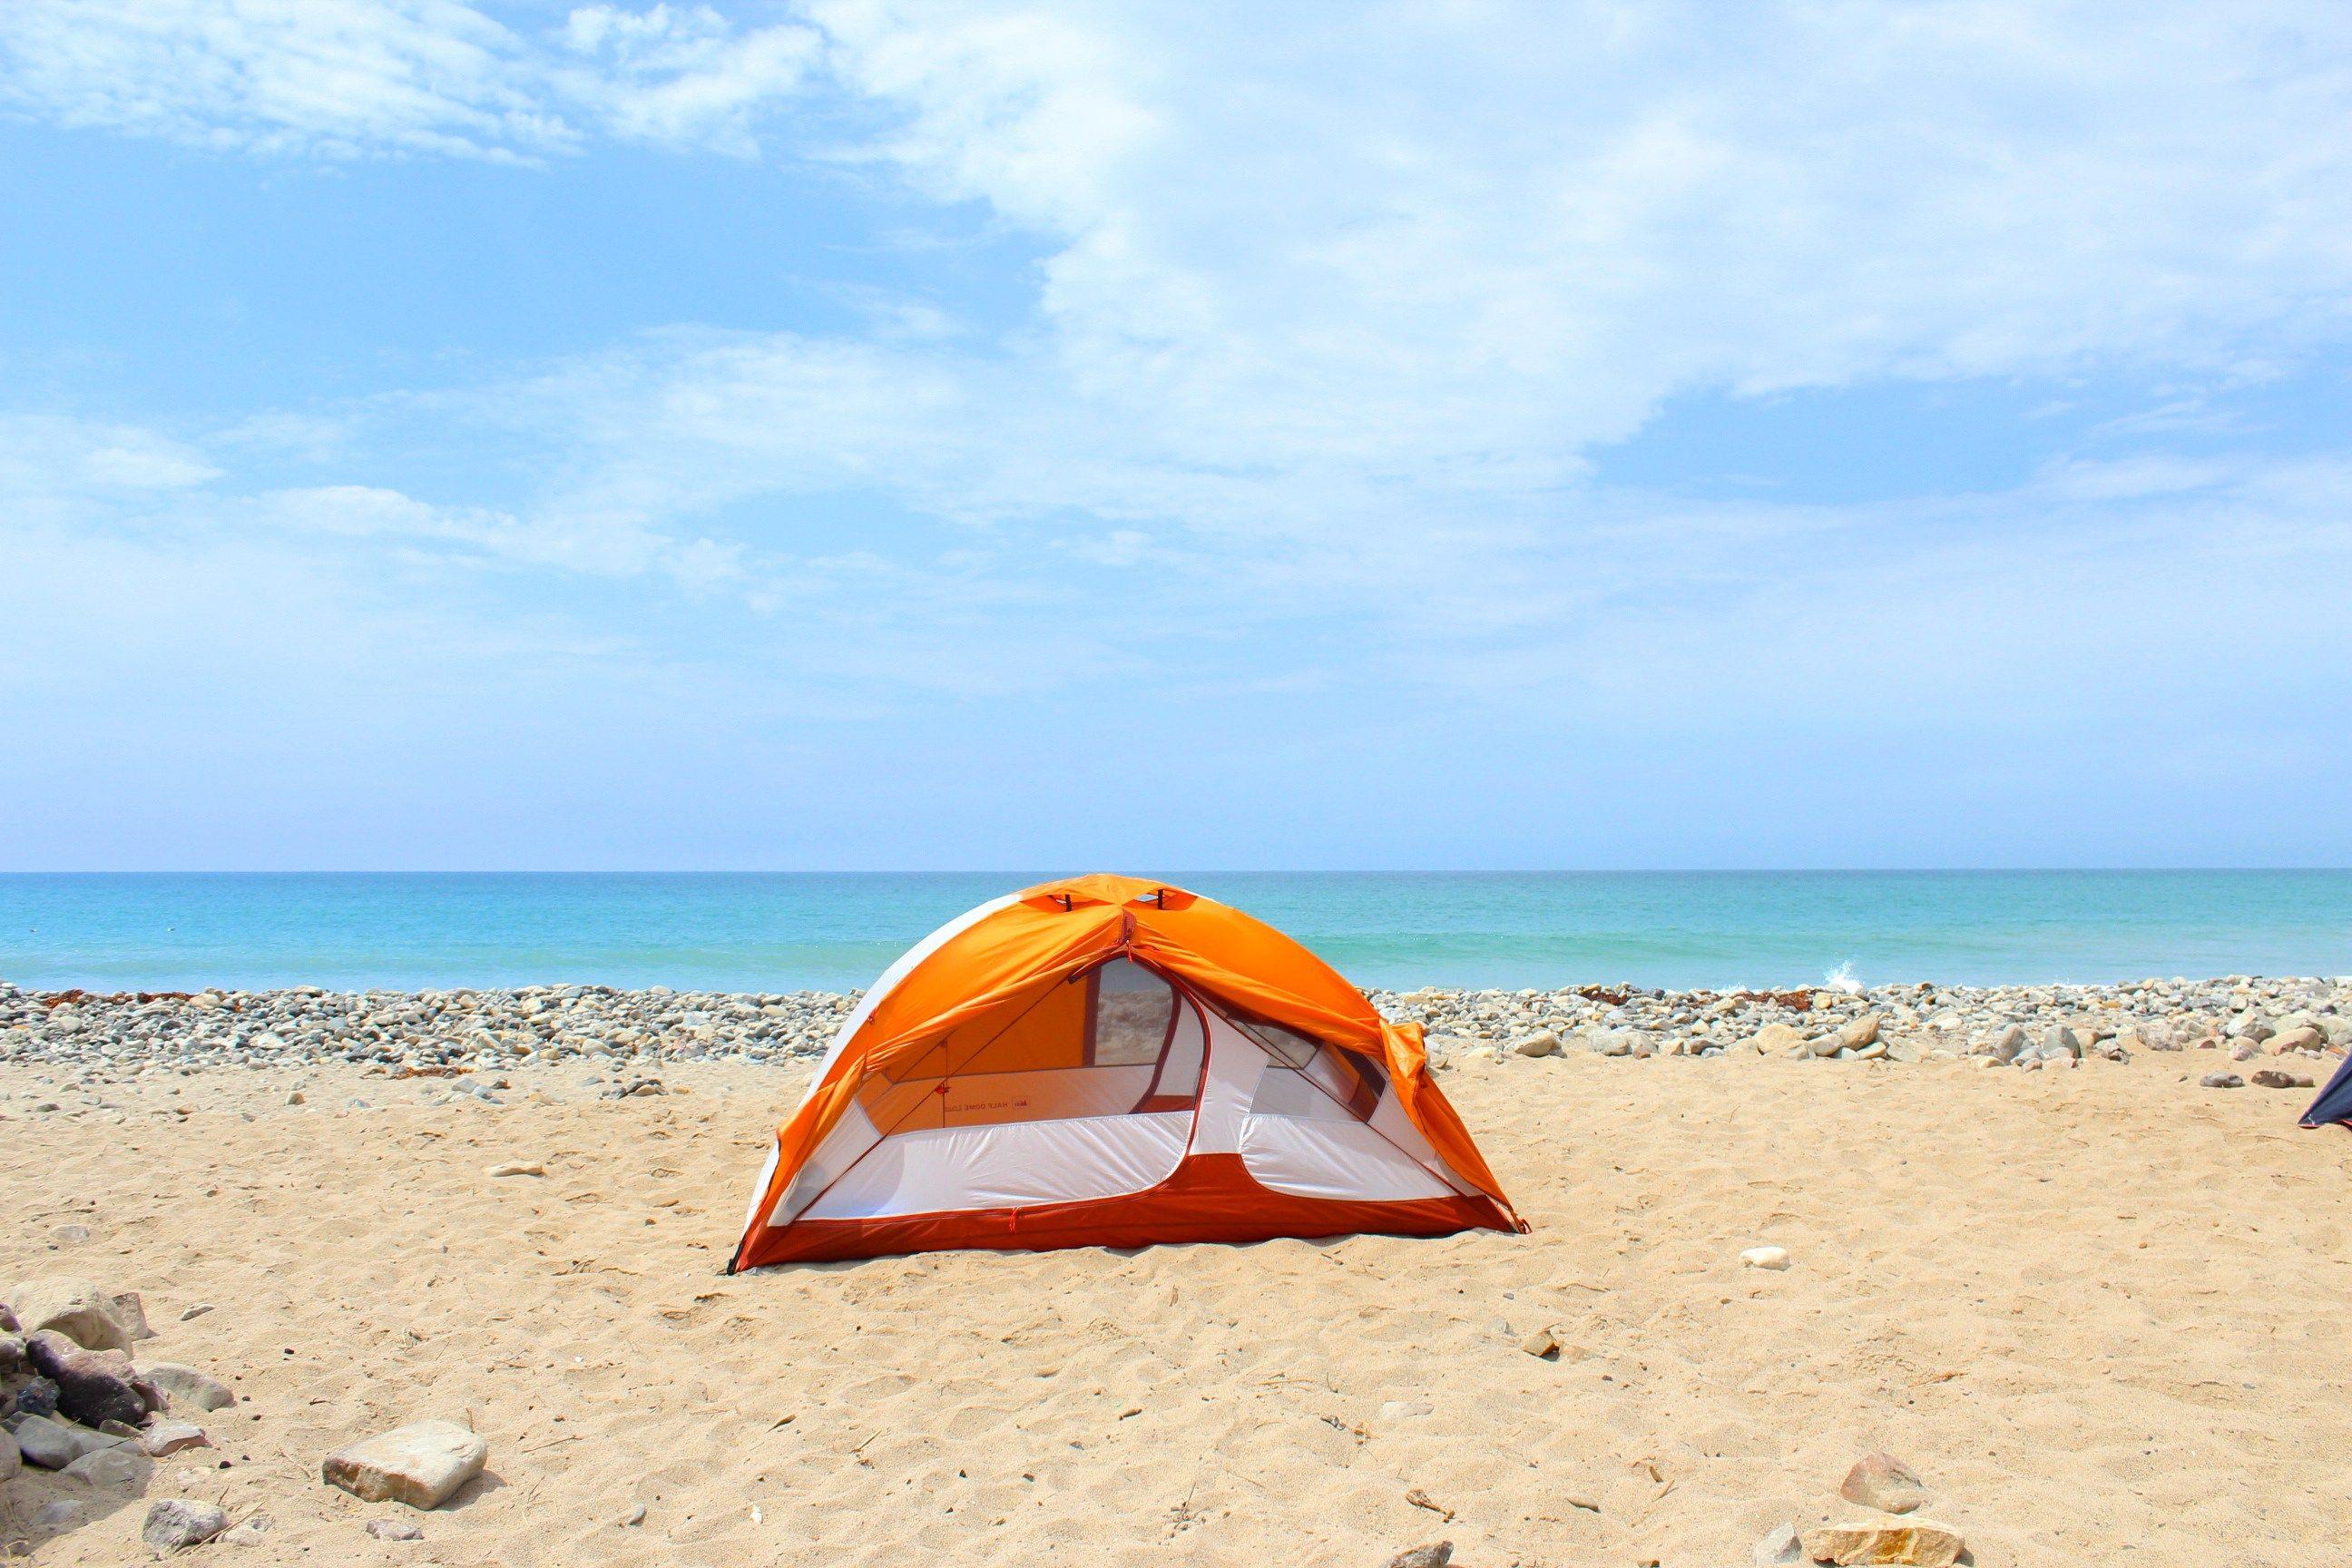 Camping And Hiking In Malibu